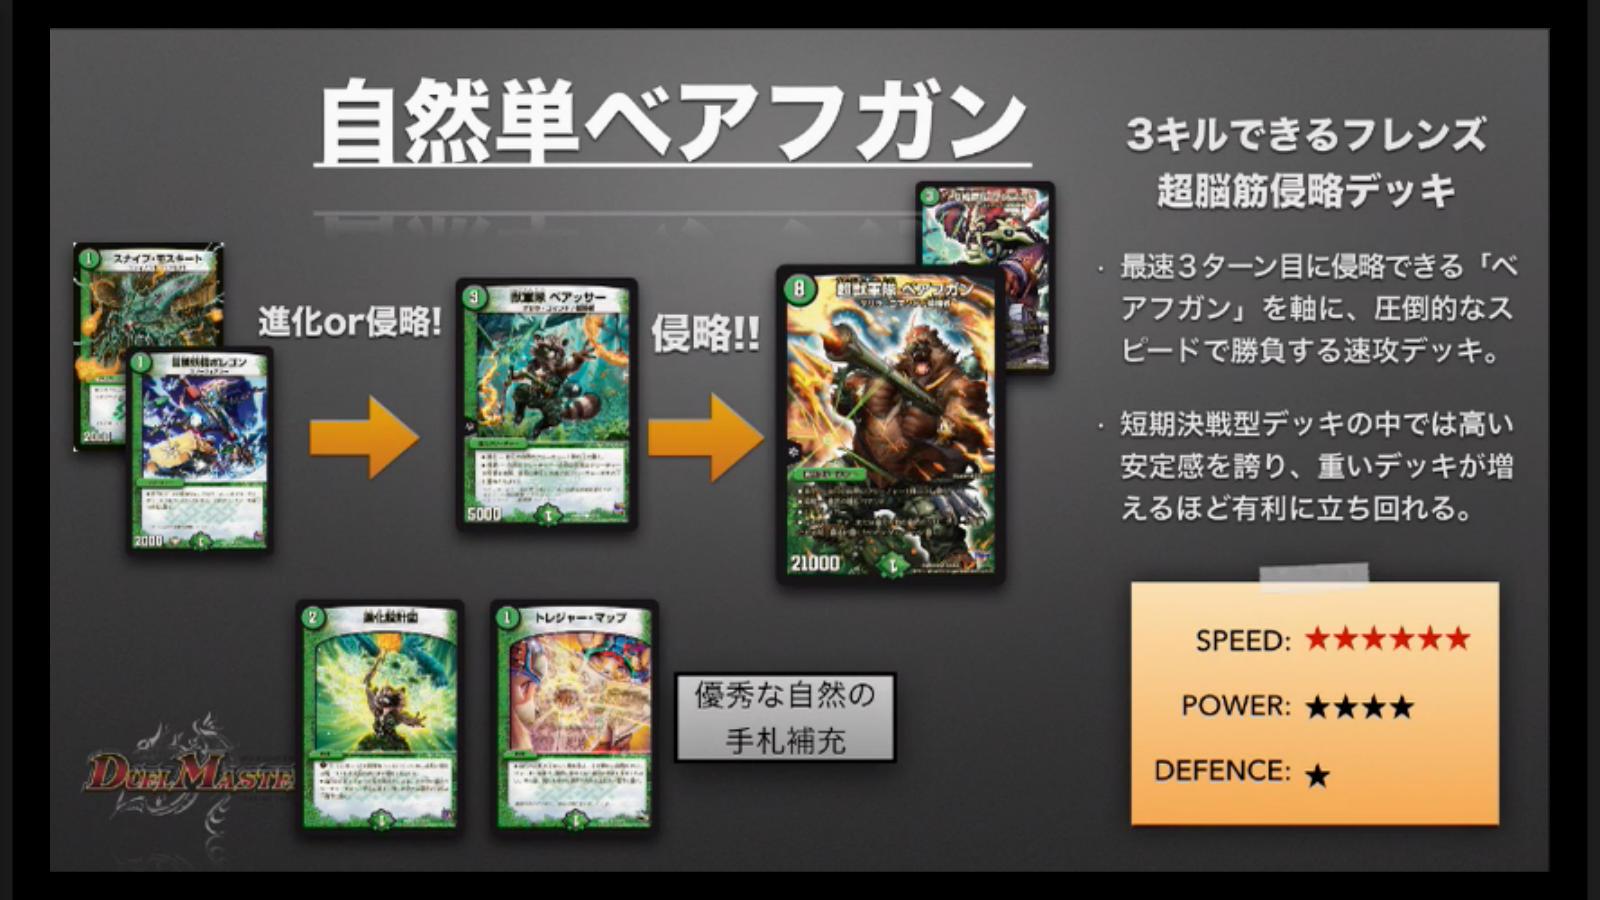 dm-kakumei-finalcup-news-170226-024.jpg